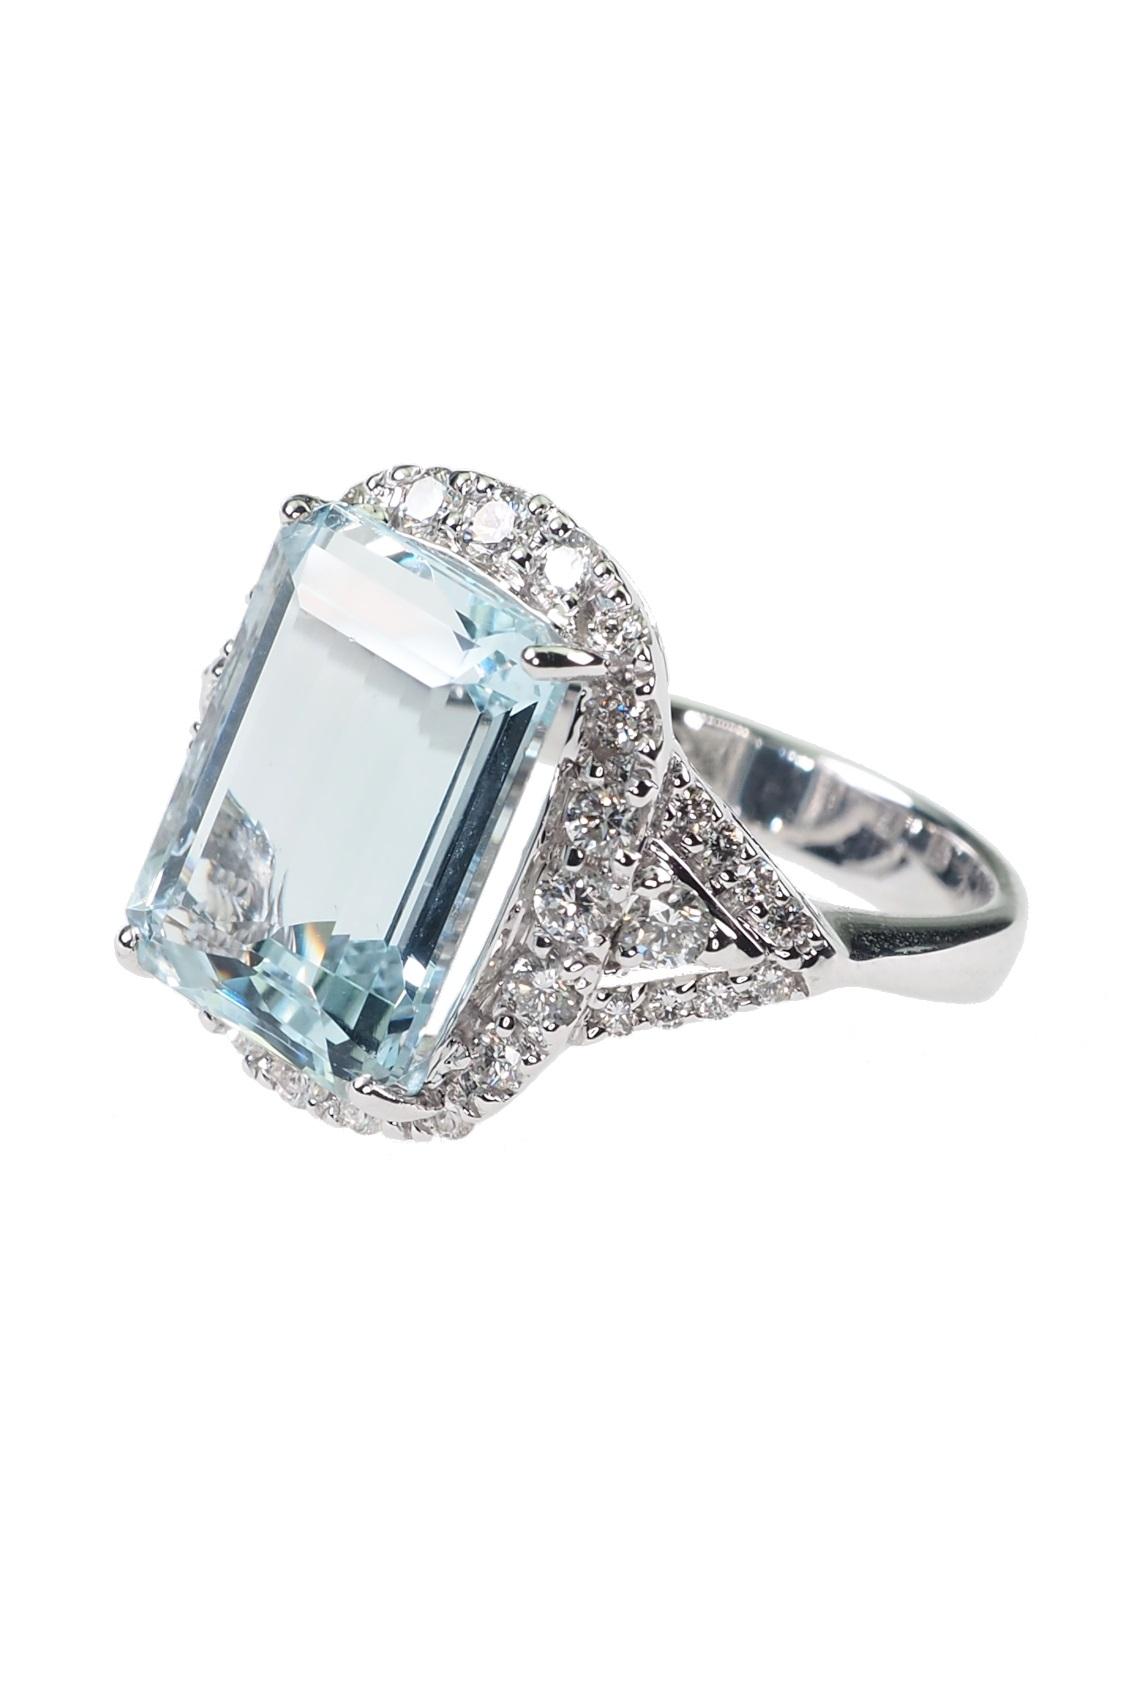 Verlobungsringe-online-kaufen-1208b